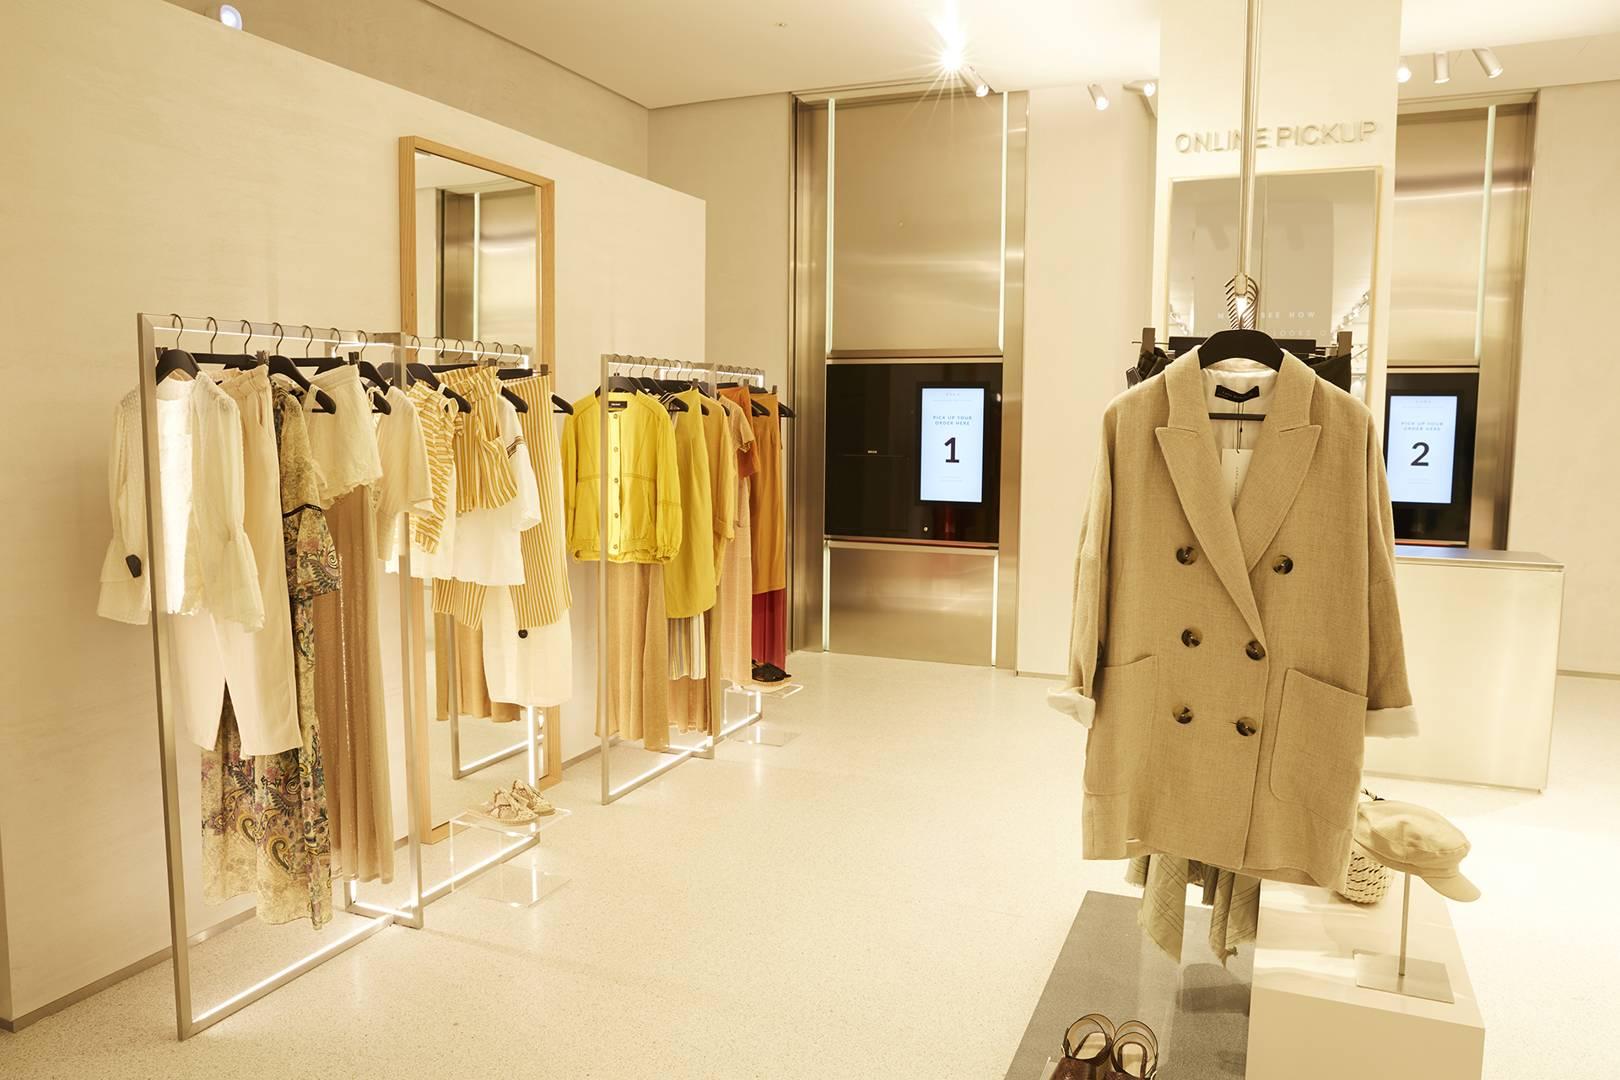 Zara integriert technologische Innovationen im Flagship-Store in Stratford